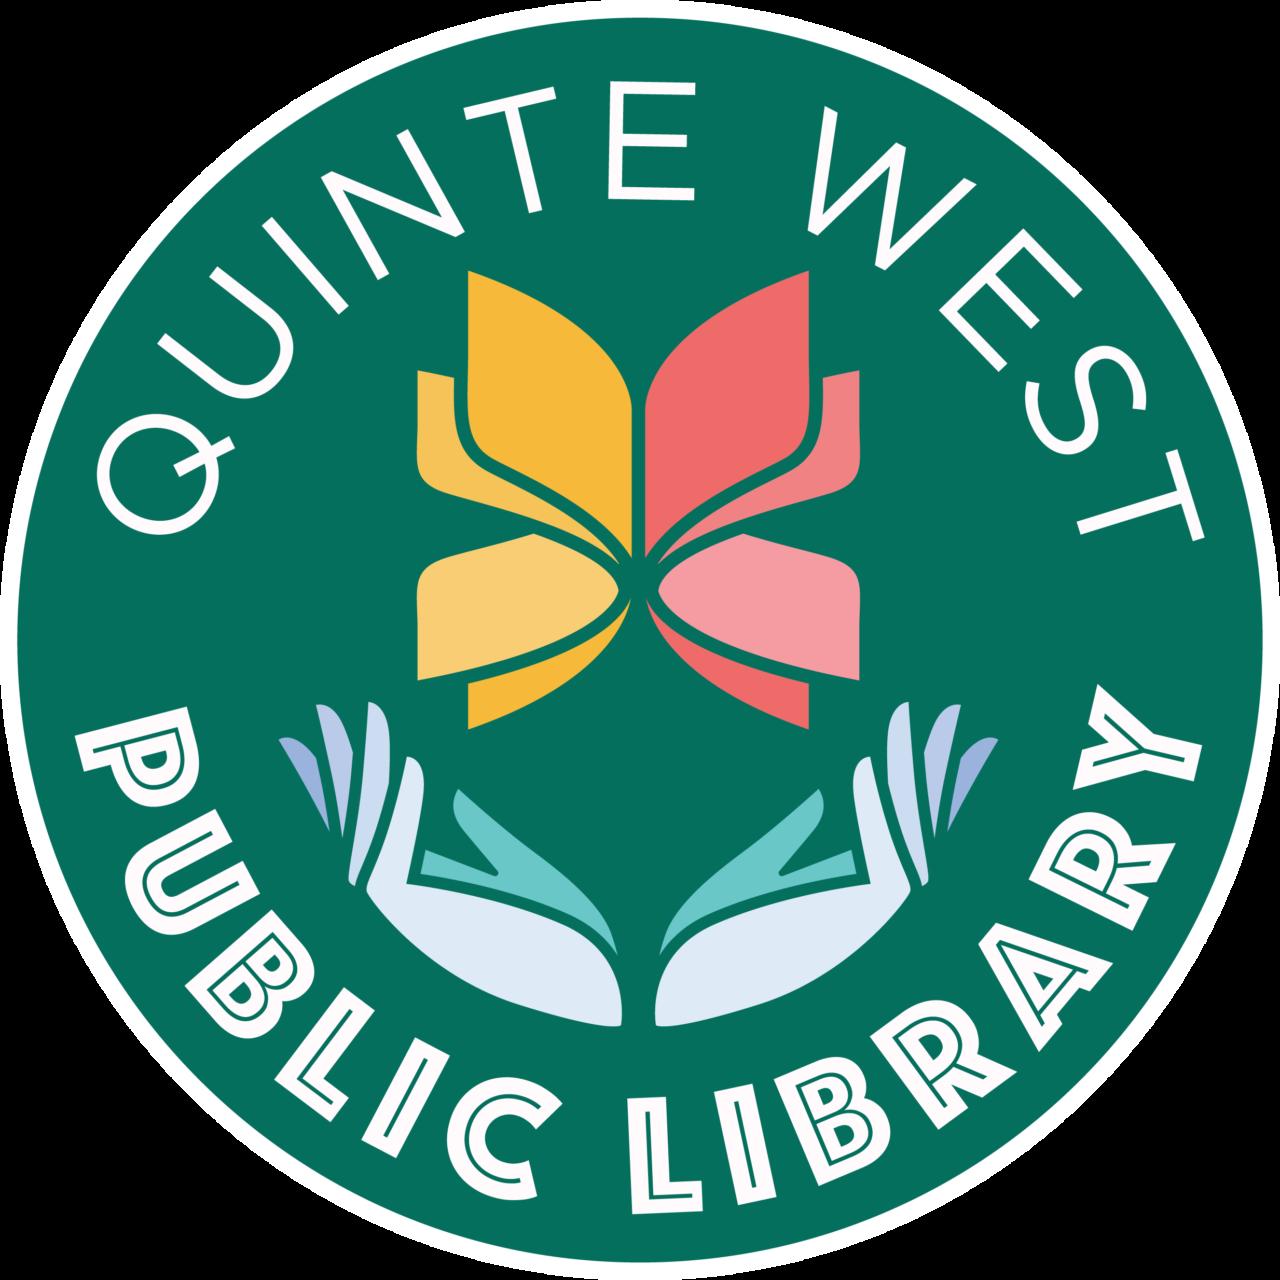 Quinte West Public Library